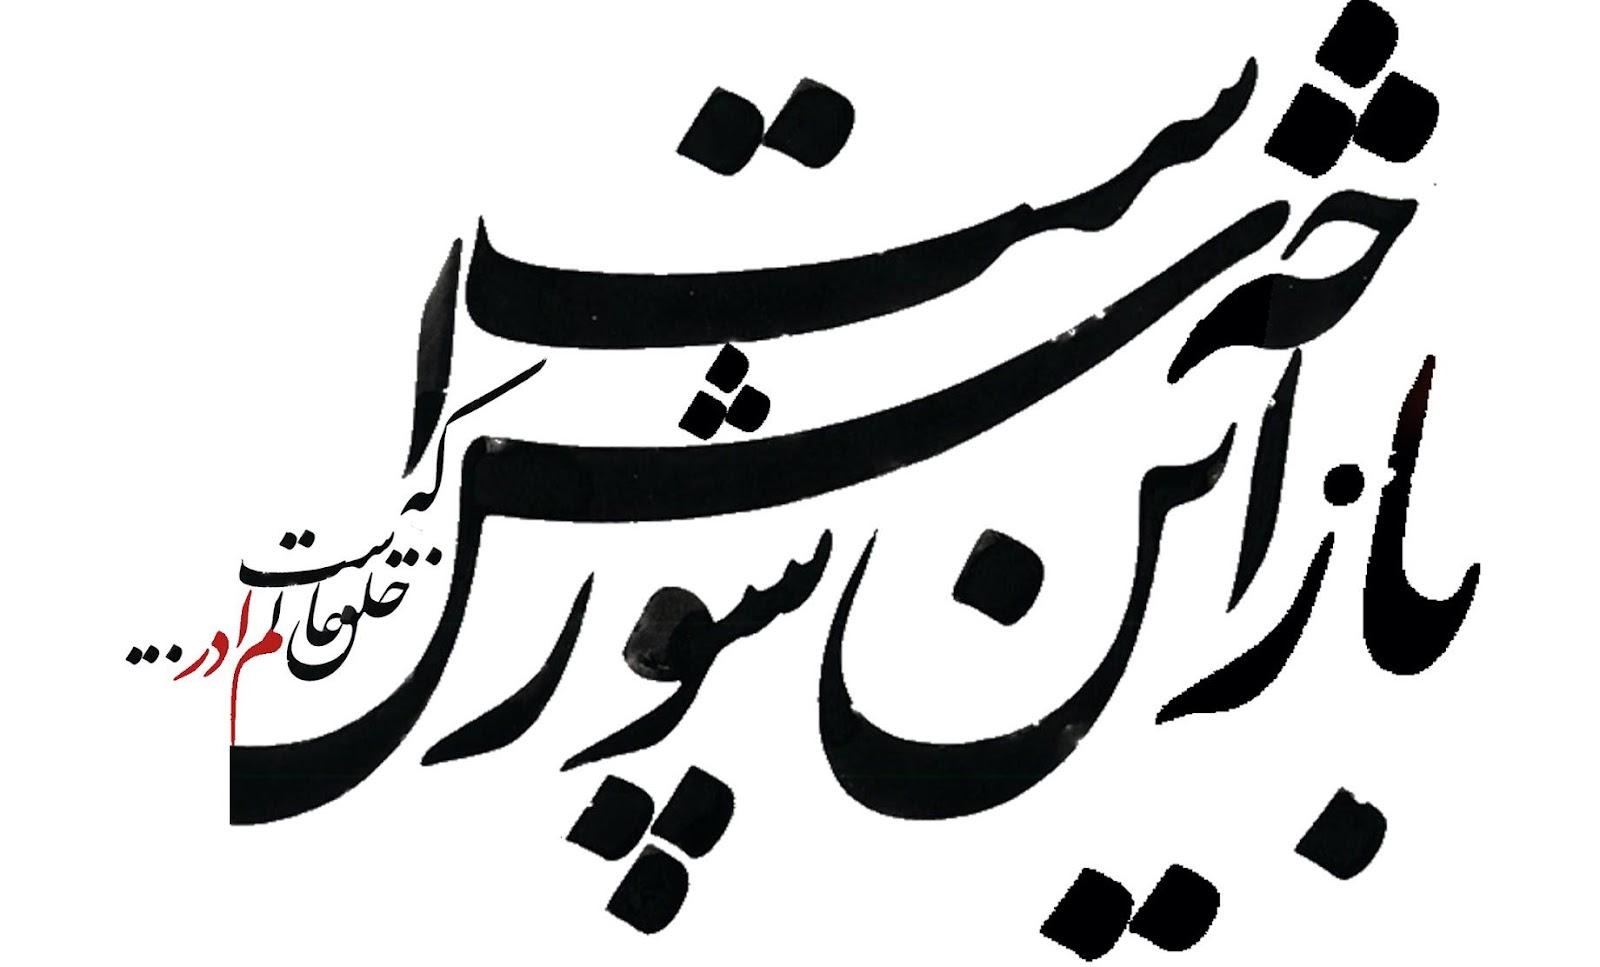 بازسازی مداحیهای جهان اسلام بر اساس دستگاههای آواز اصیل ایرانی